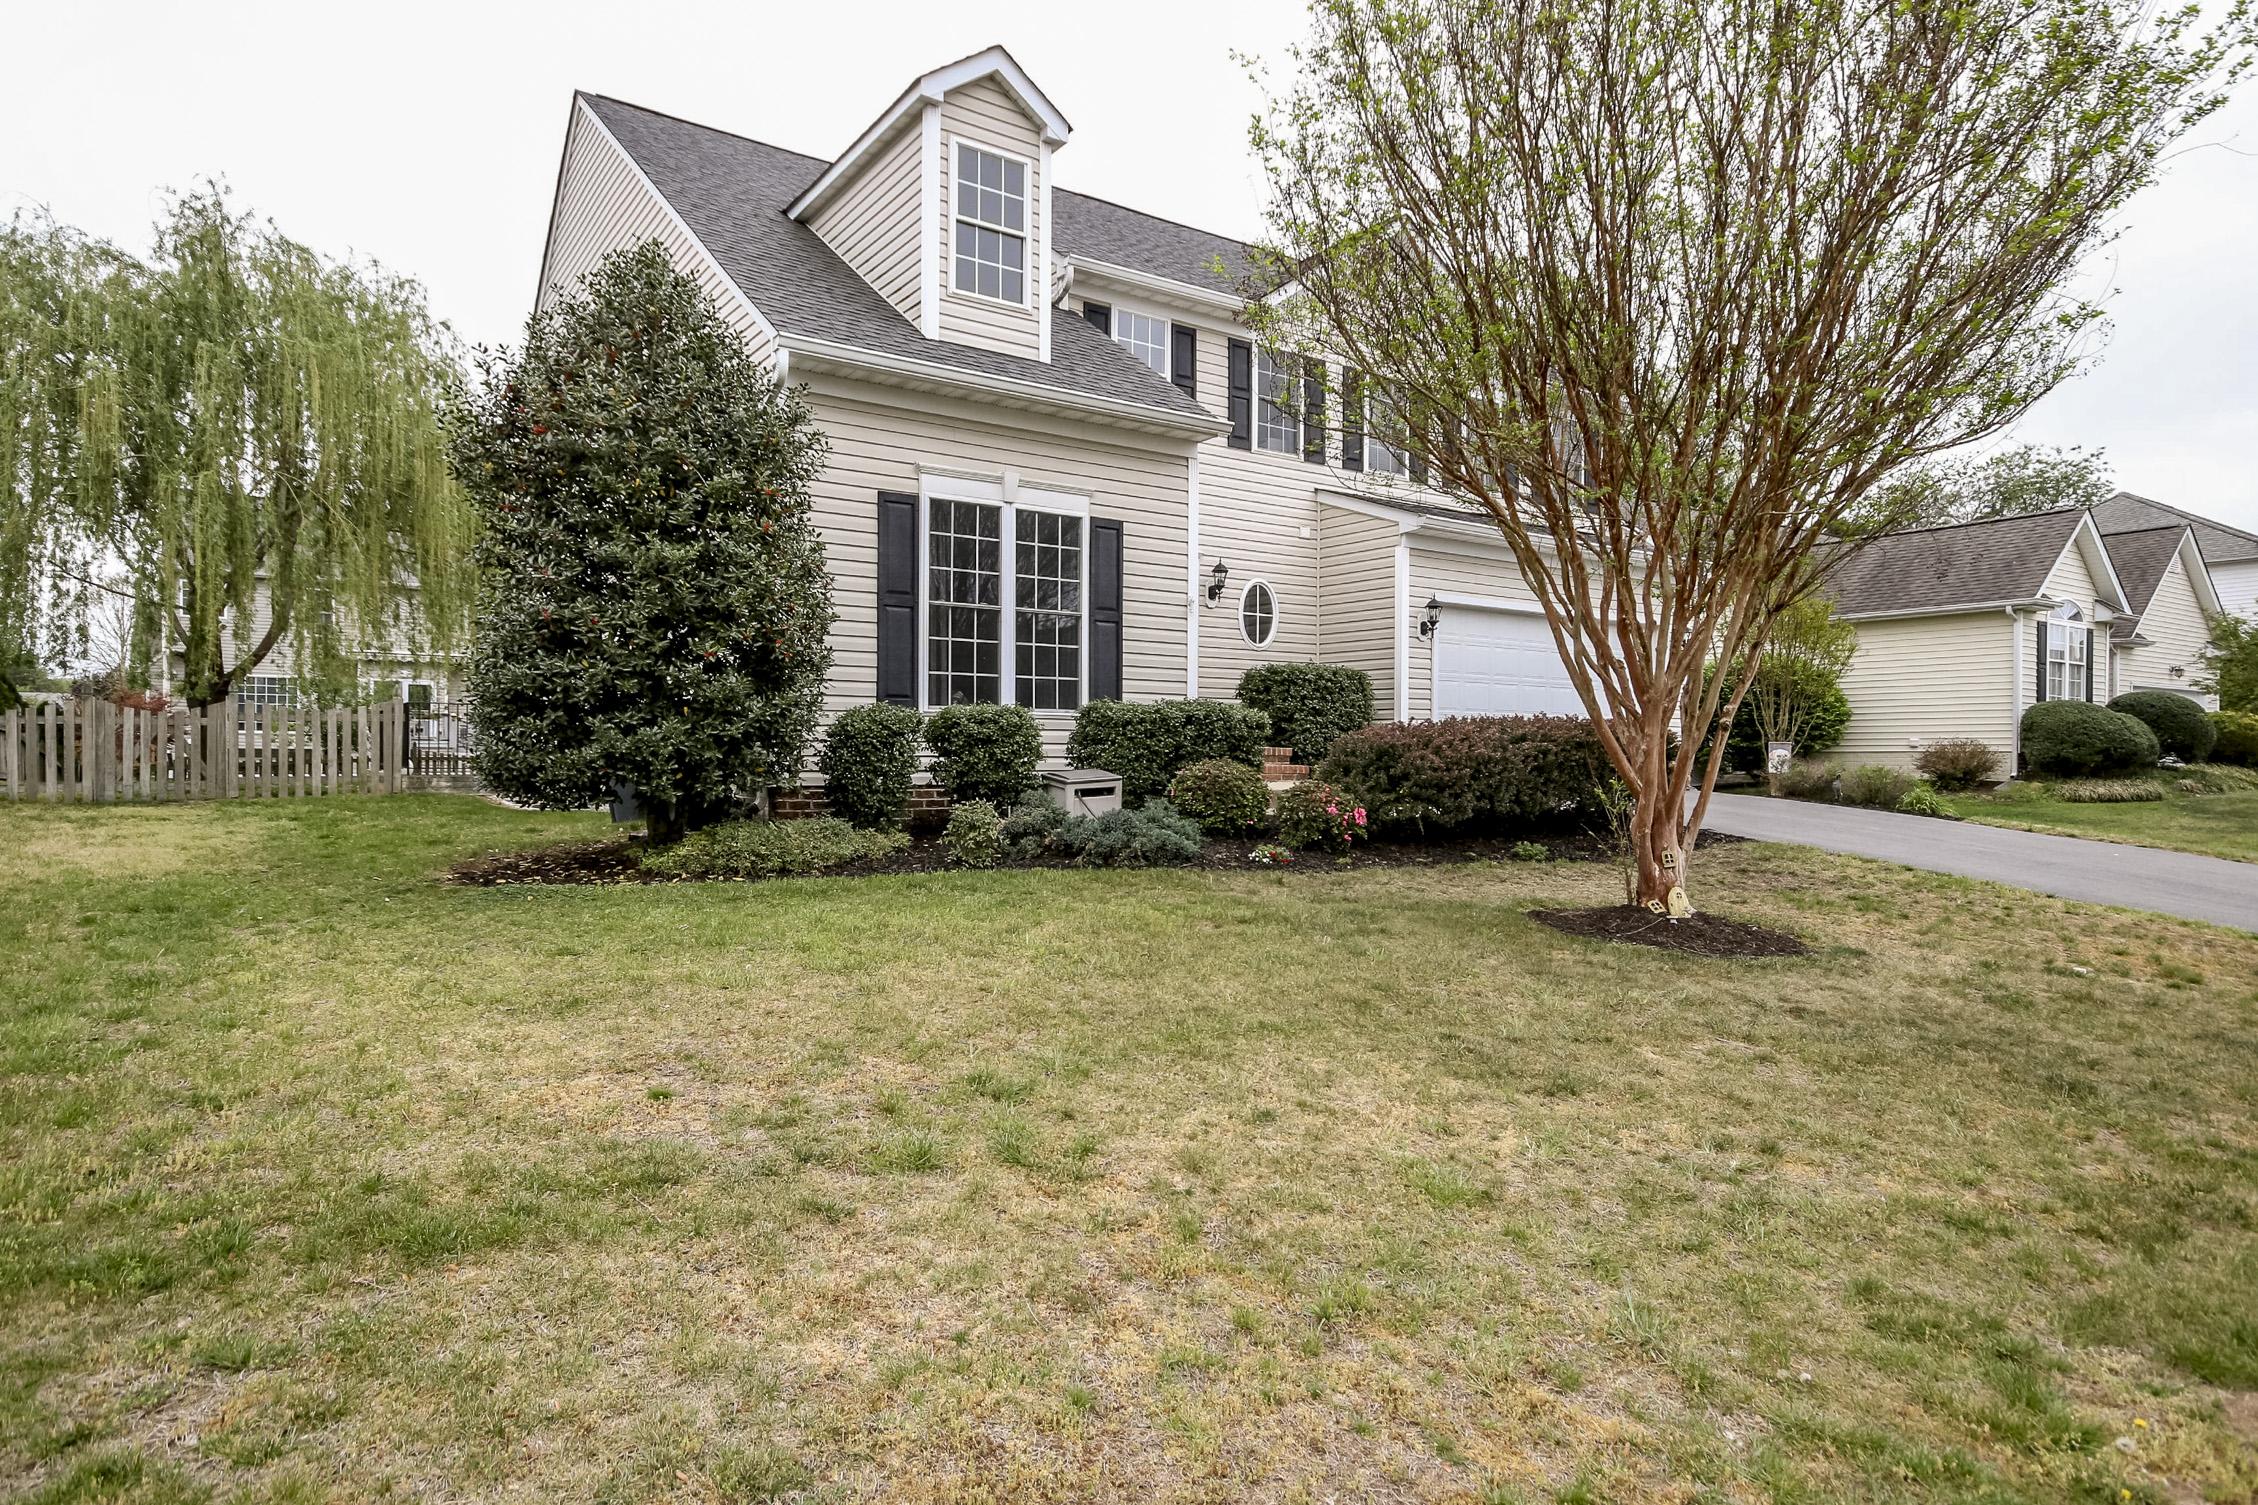 Casa para uma família para Venda às 10825 Samantha Pl Fredericksburg, Virginia, 22408 Estados Unidos